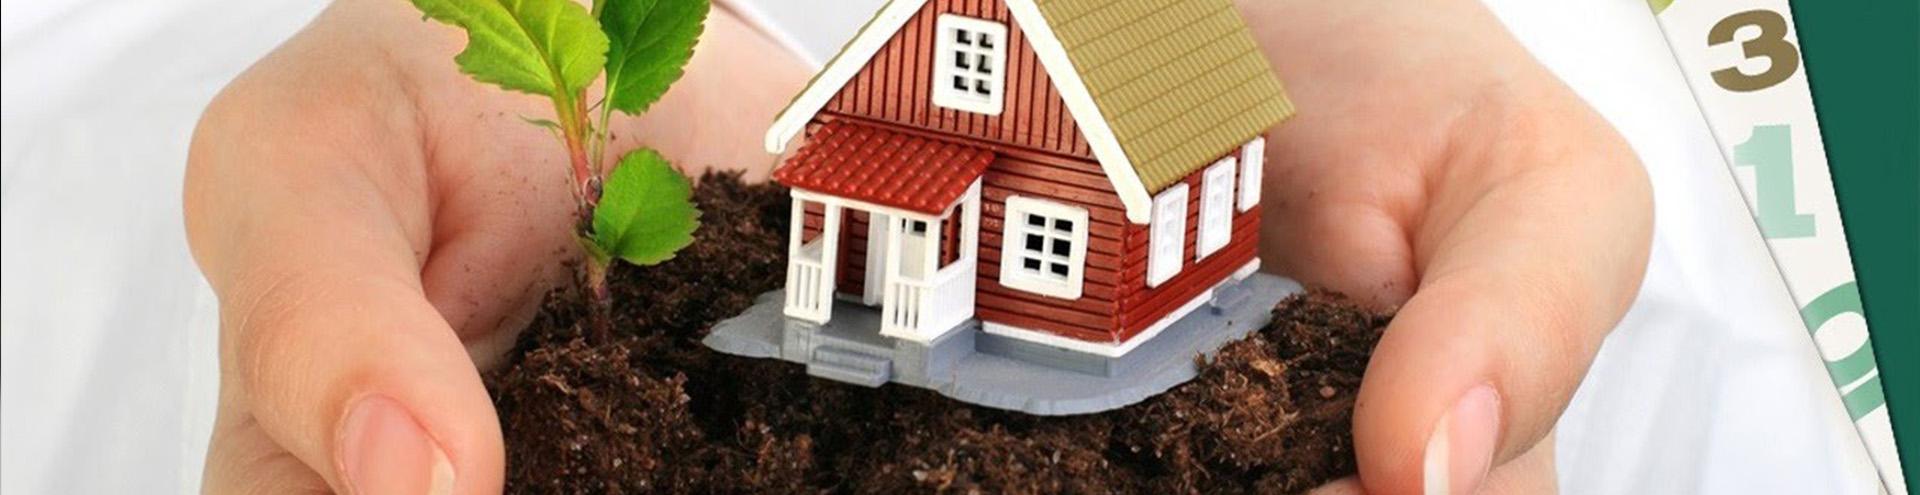 Признание права собственности в Липецке и Липецкой области